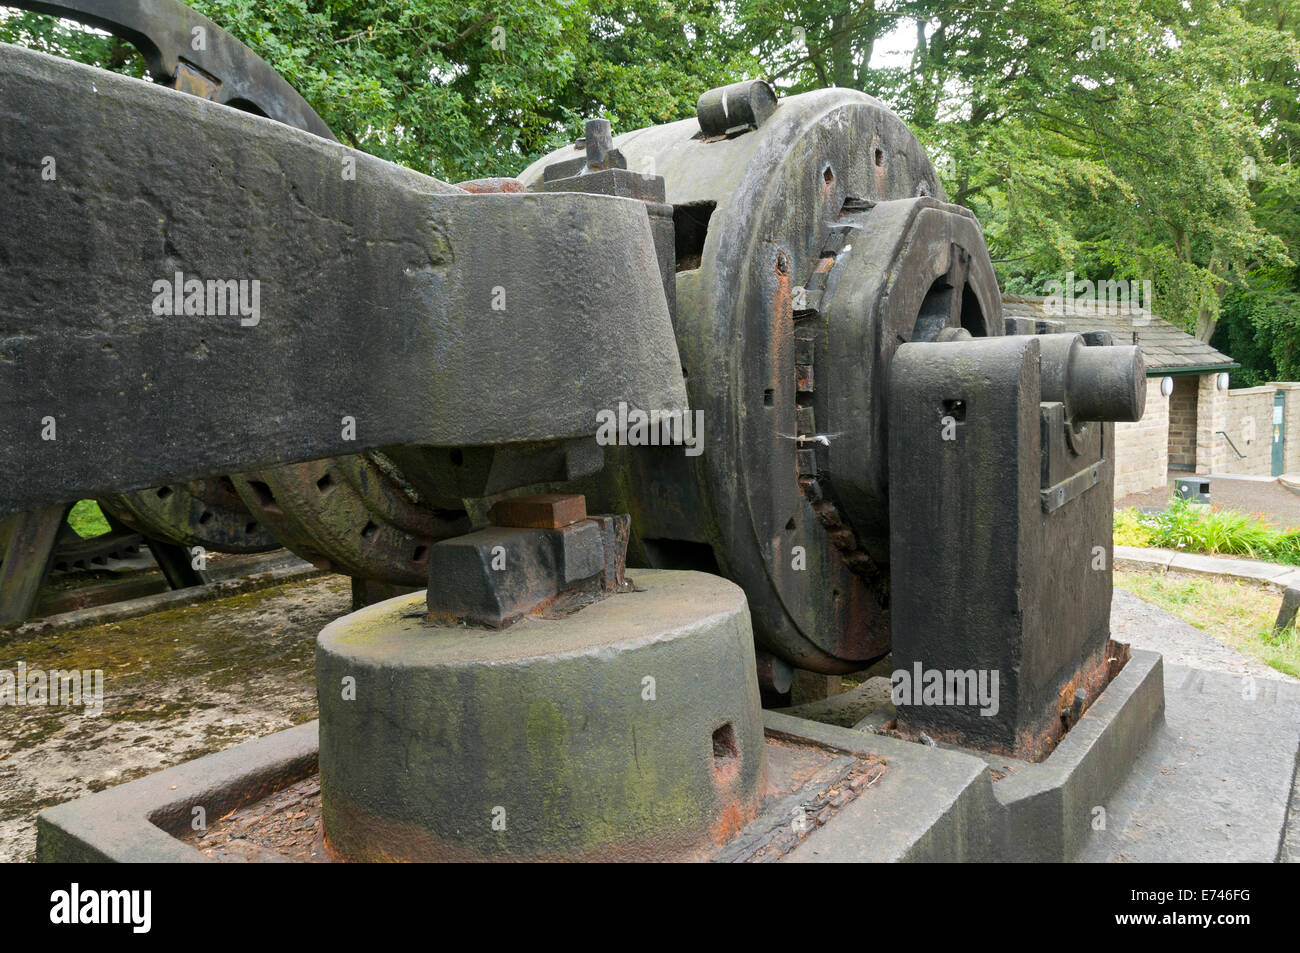 Jessop inclinazione del martello a Abbeydale Industrial Hamlet, Sheffield, Yorkshire, Inghilterra, Regno Unito. Immagini Stock